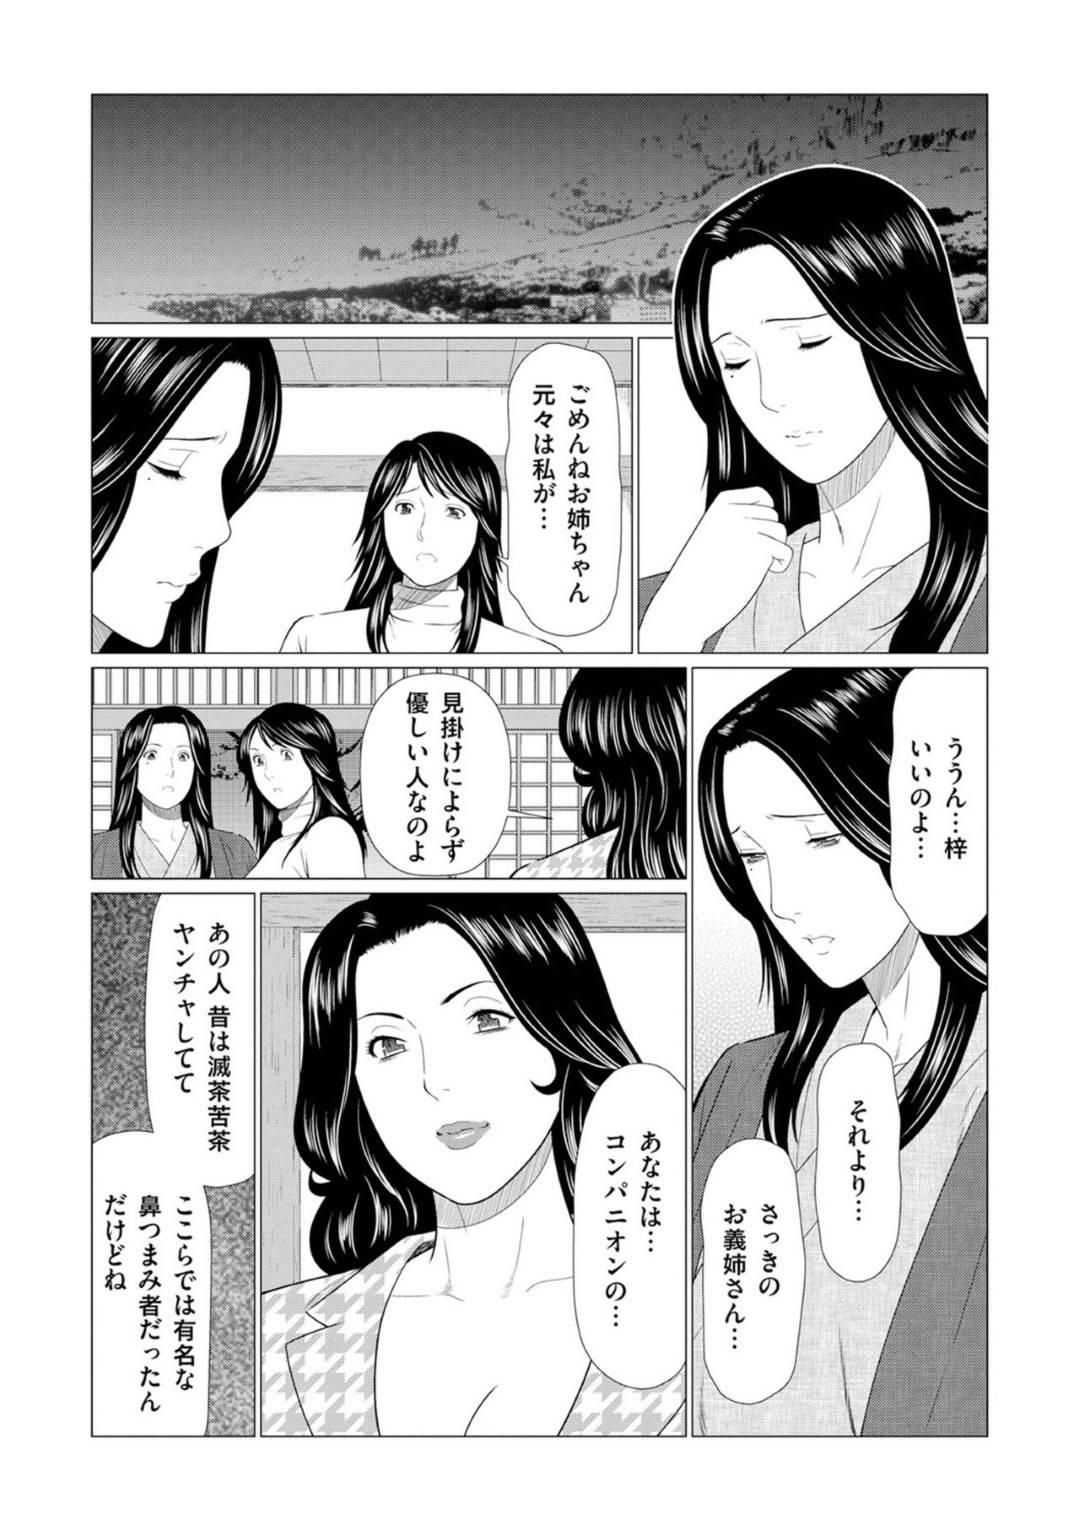 【エロ漫画】宇田川の自白で真の黒幕を追いつめることができた。家族の絆を確認できたのも思わぬ収穫だった。しかし、宇田川を失った鏡子はつくづく自分の男運のなさを嘆いてしまう。そんな鏡子の心と体に寄り添う人物とは?